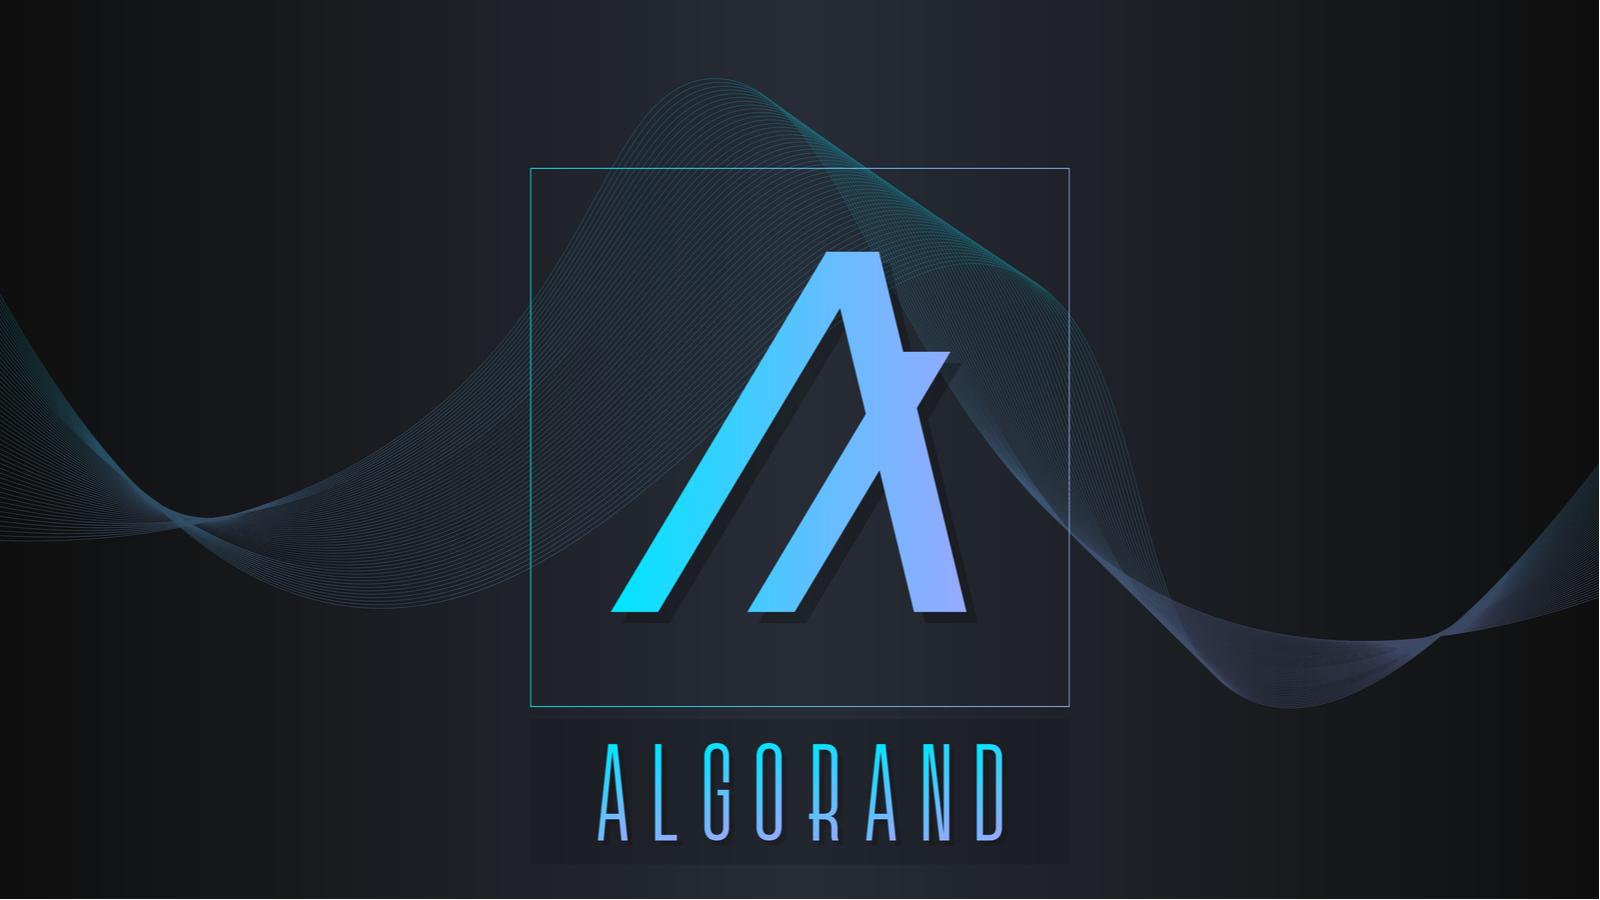 Le cours d'Algorand (ALGO) se renforcegrâce aux investisseurs institutionnels